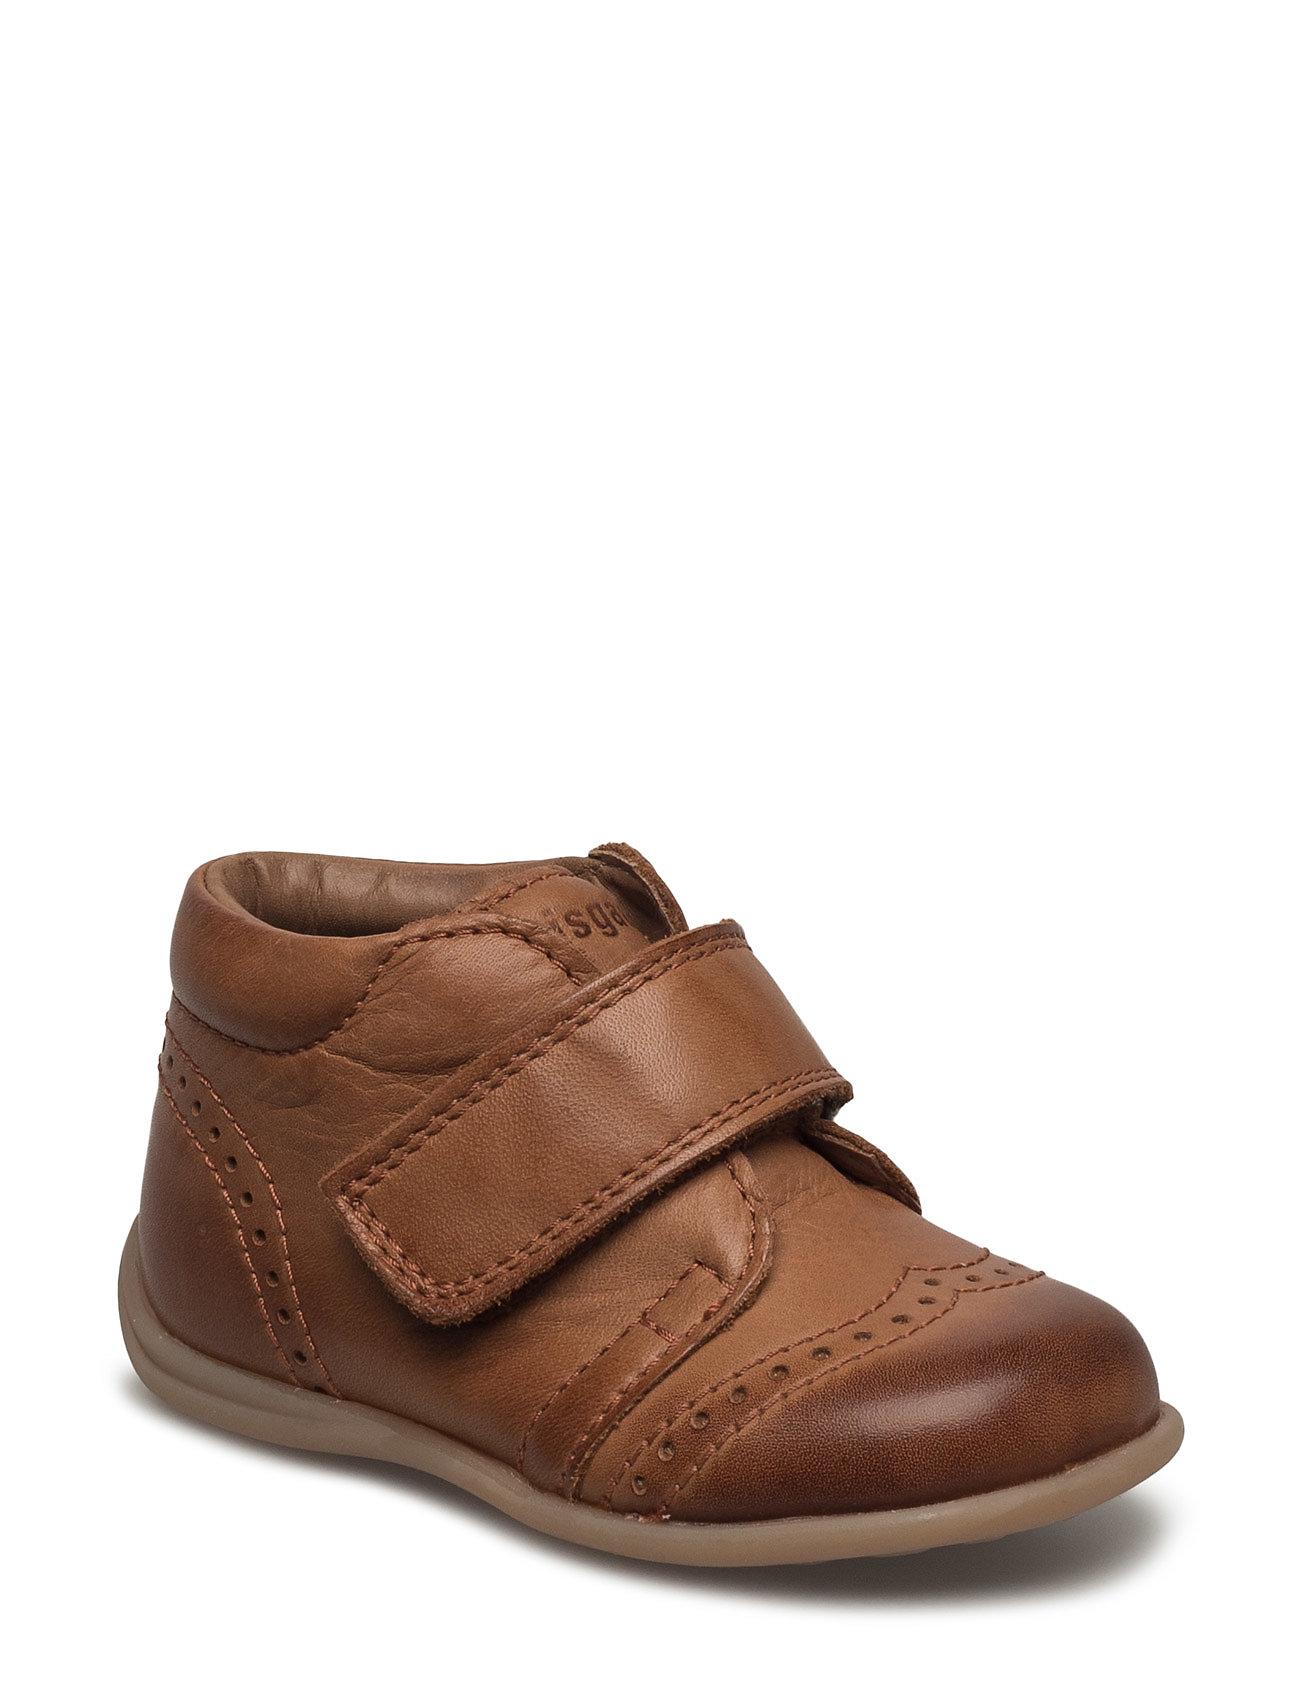 Prewalker Bisgaard Sko & Sneakers til Børn i cognac